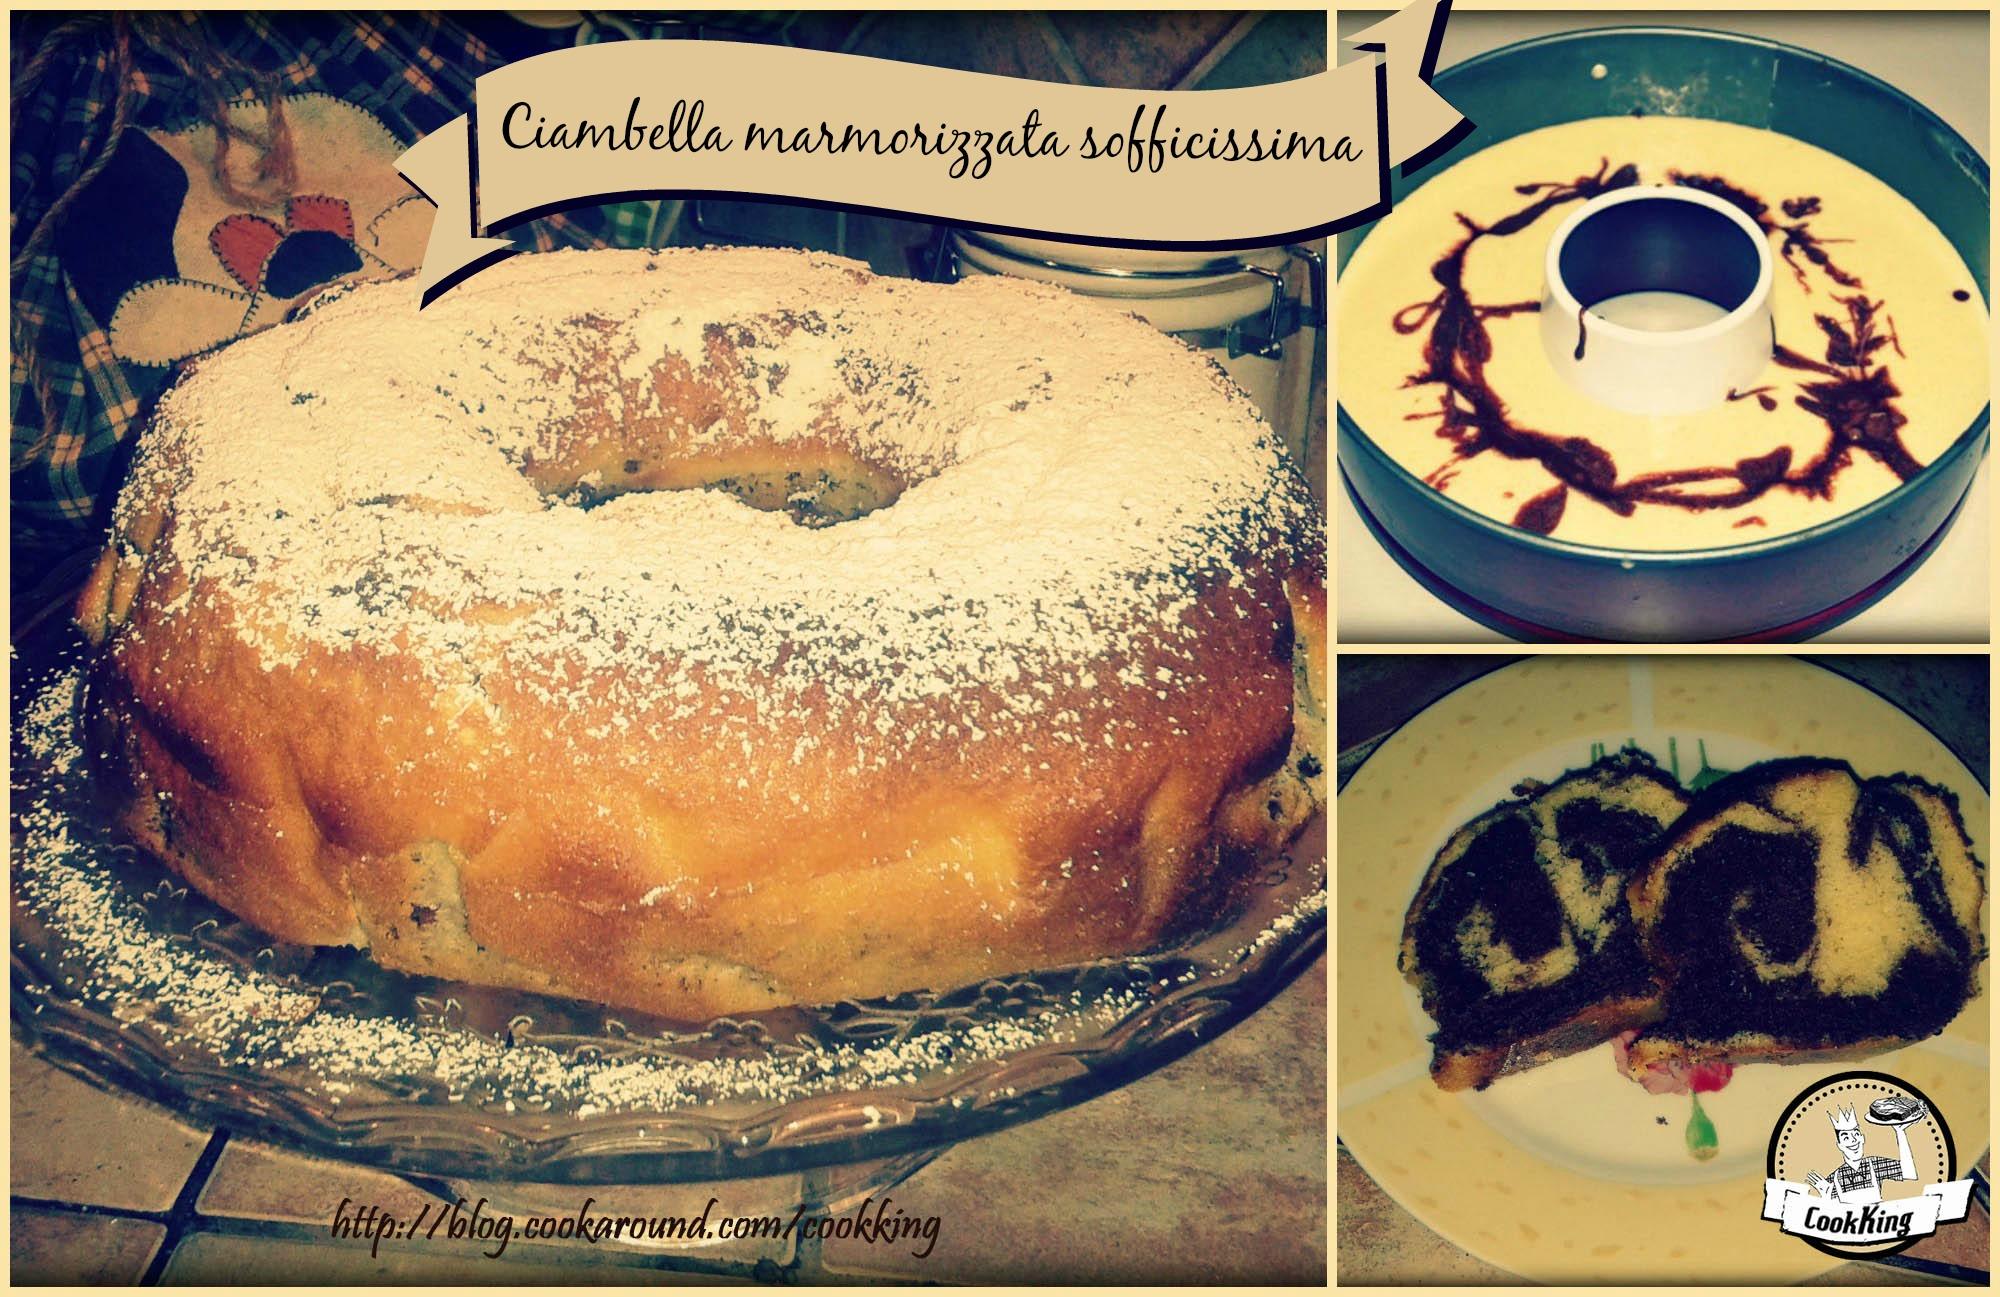 CIAMBELLA MARMORIZZATA SOFFICISSIMA (mix) - CookKING